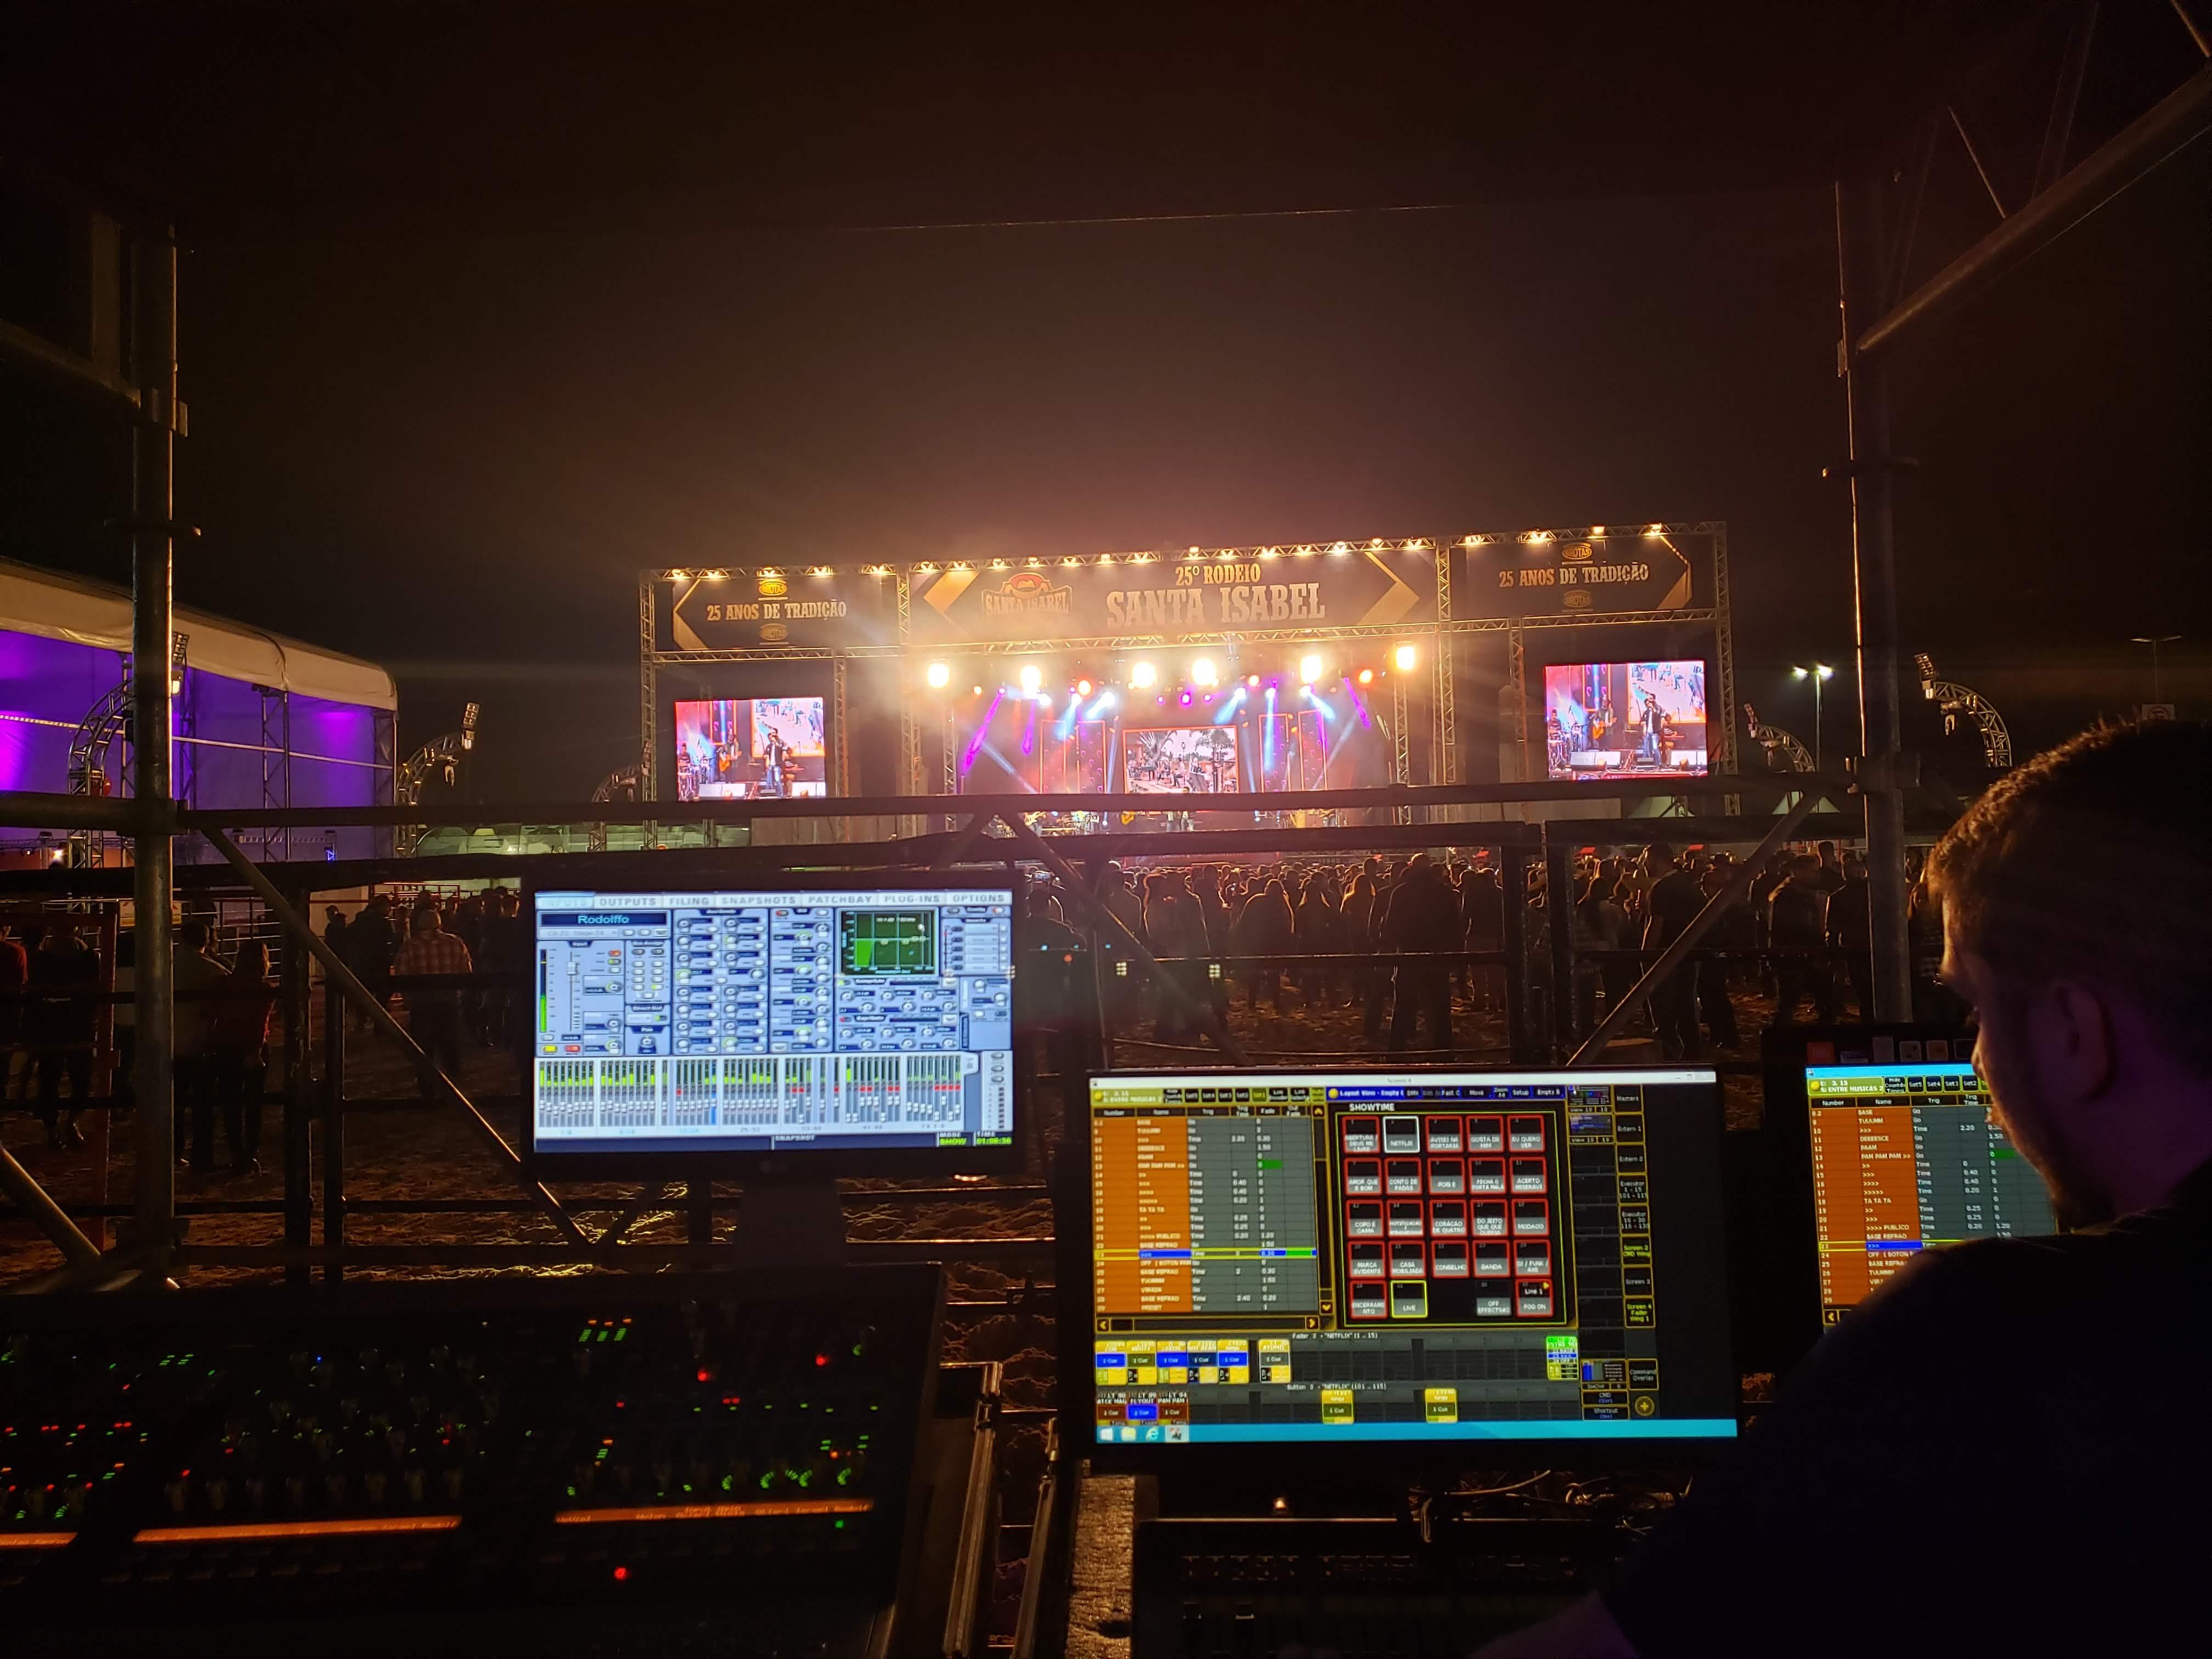 LCE Eventos - Equipe LCE - Estrutura Iluminação Som Eventos